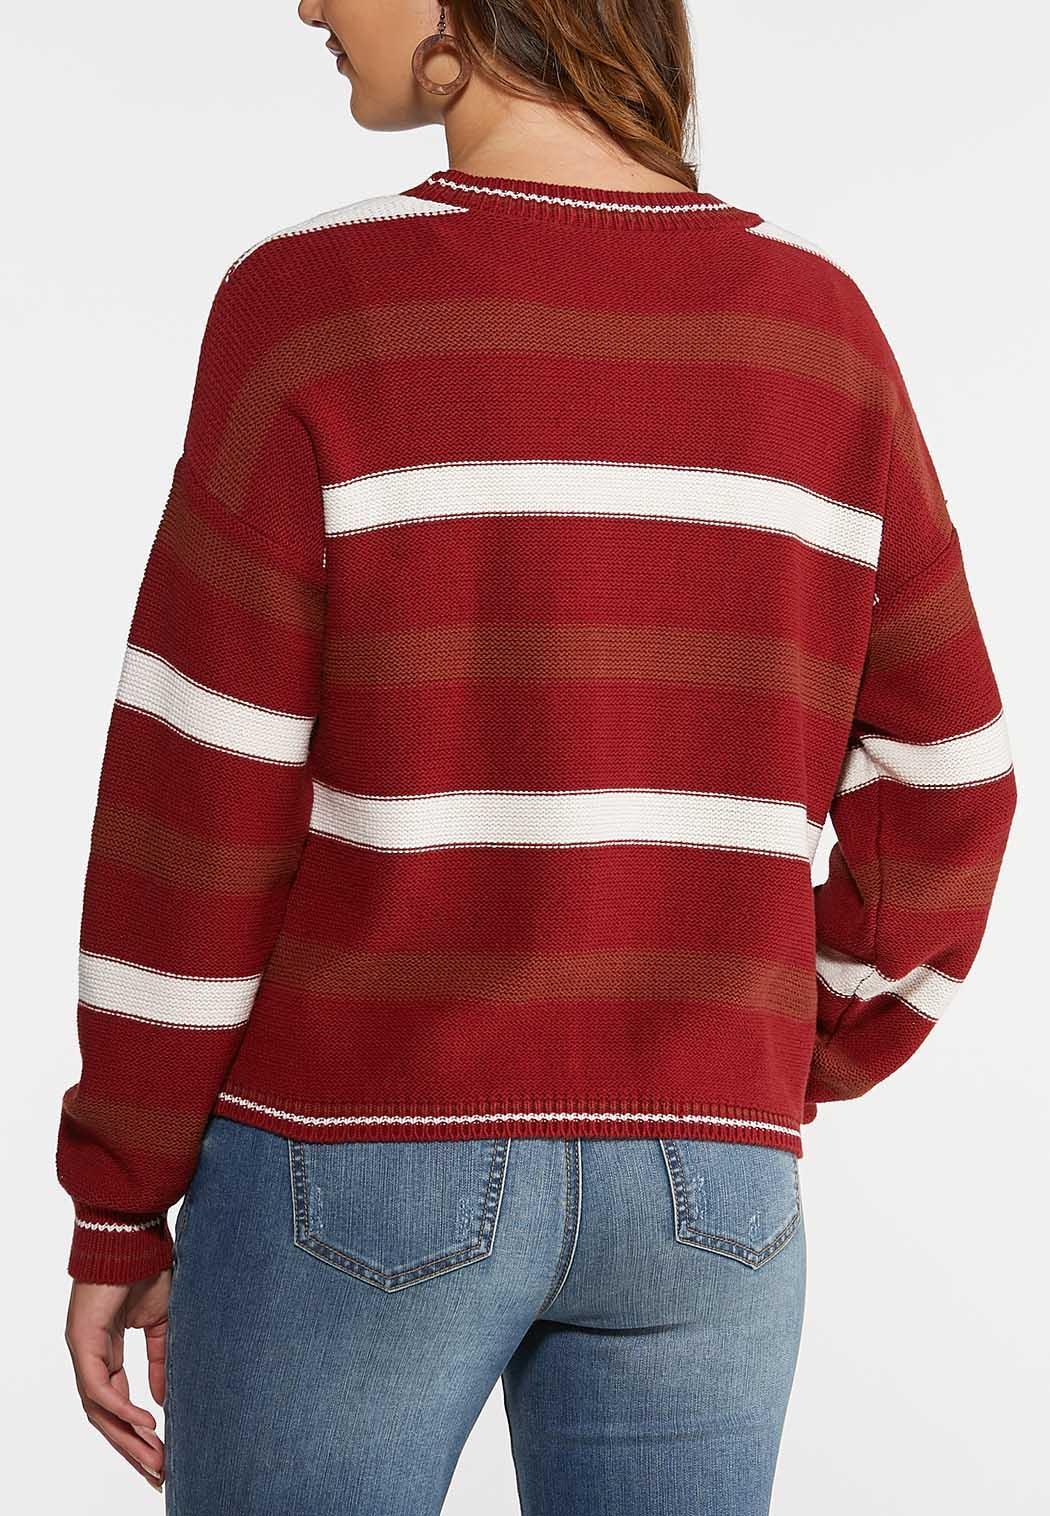 Autumn Red Cardigan Sweater (Item #43999618)